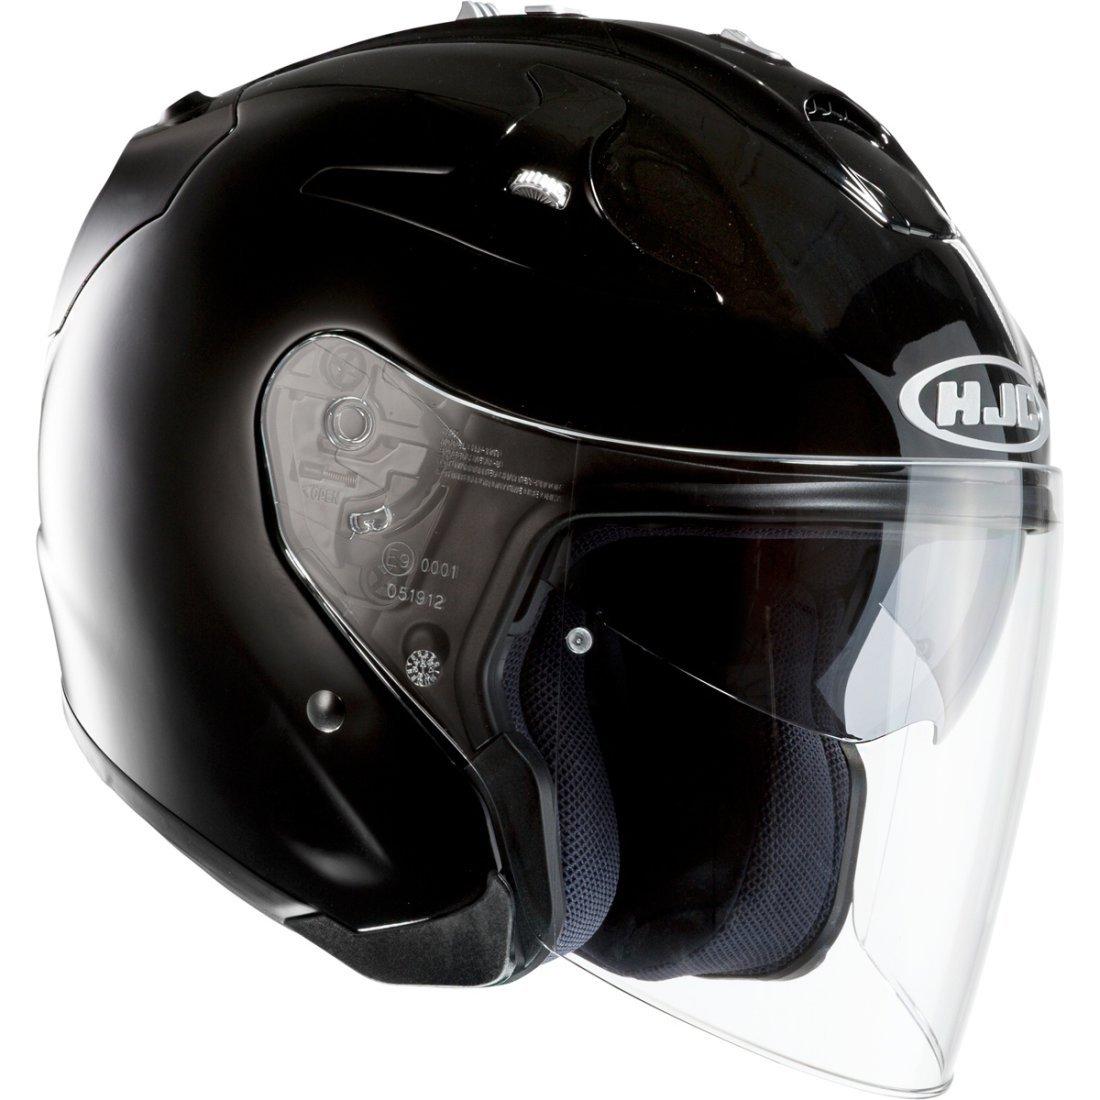 HJC Casque Moto FG-Jet Noir Taille S